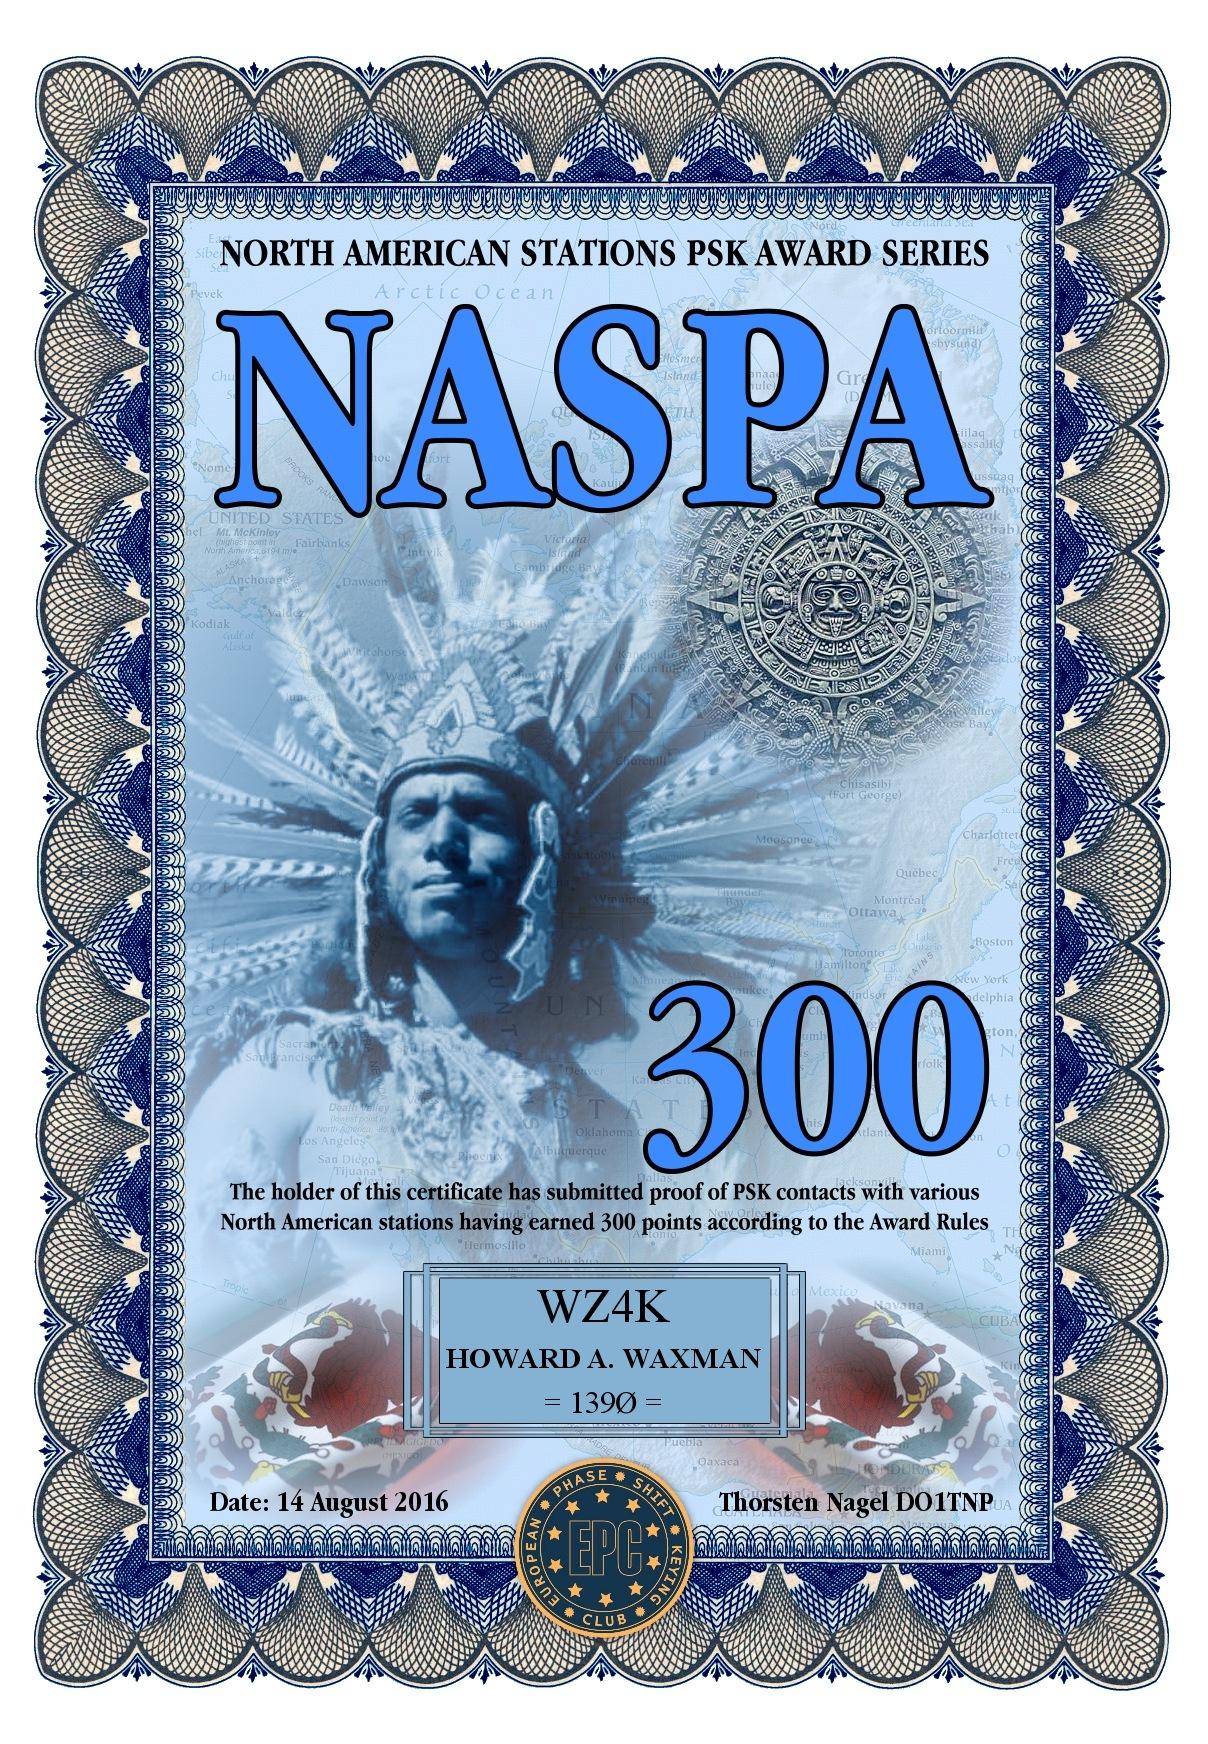 WZ4K-NASPA-300